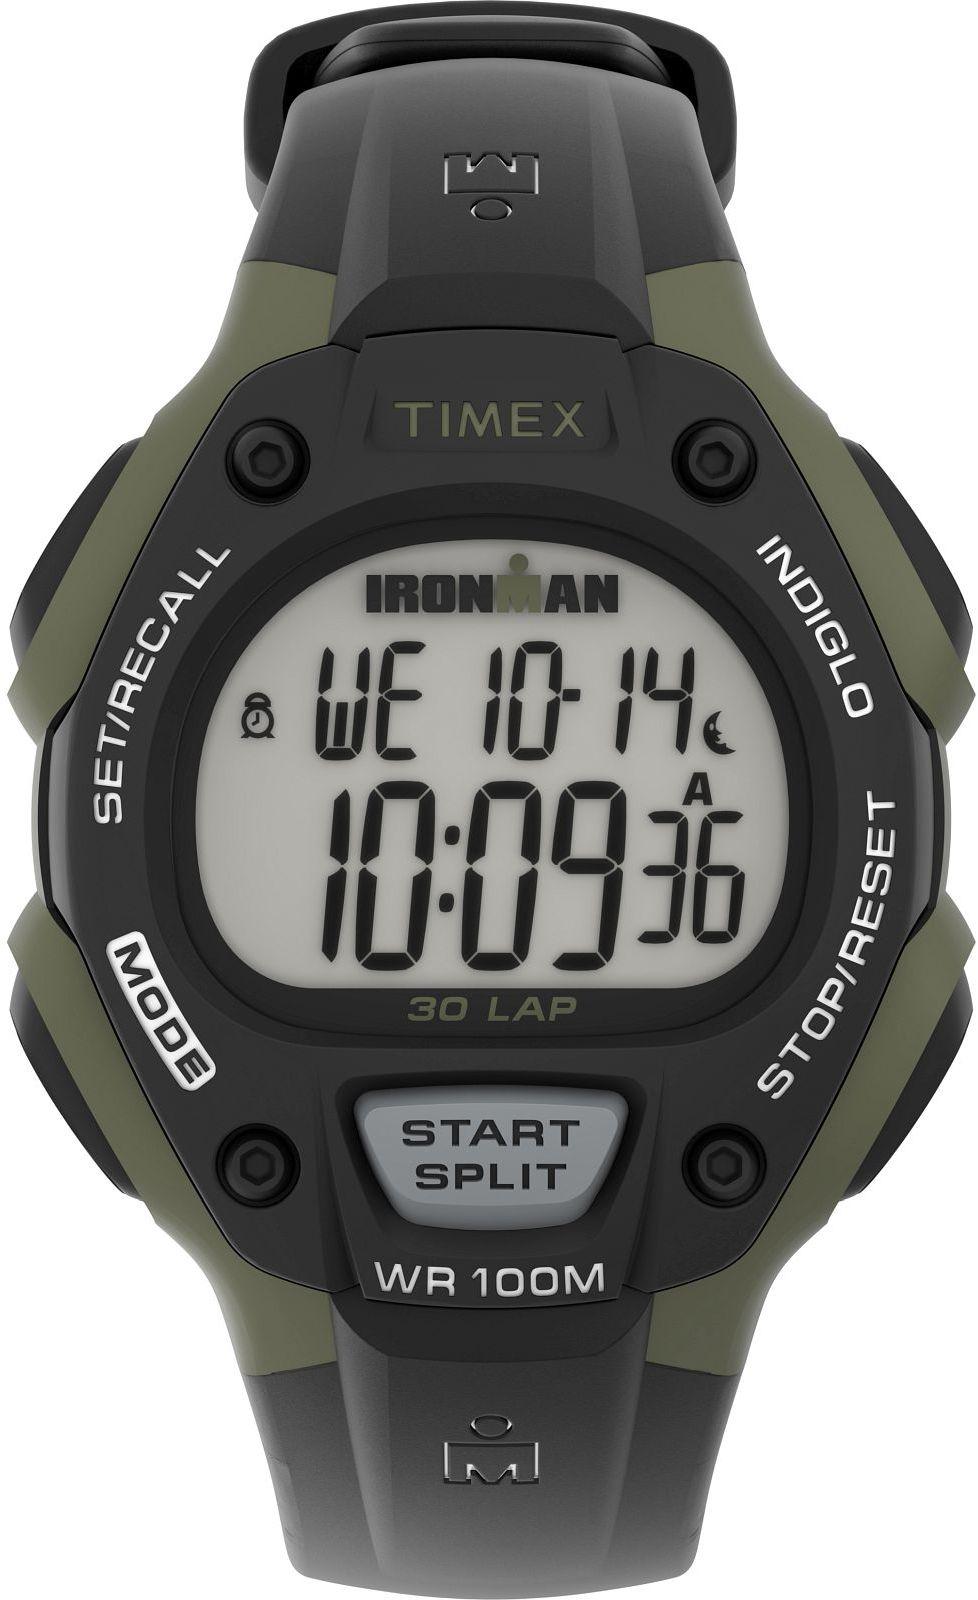 Timex TW5M44500 > Wysyłka tego samego dnia Grawer 0zł Darmowa dostawa Kurierem/Inpost Darmowy zwrot przez 100 DNI